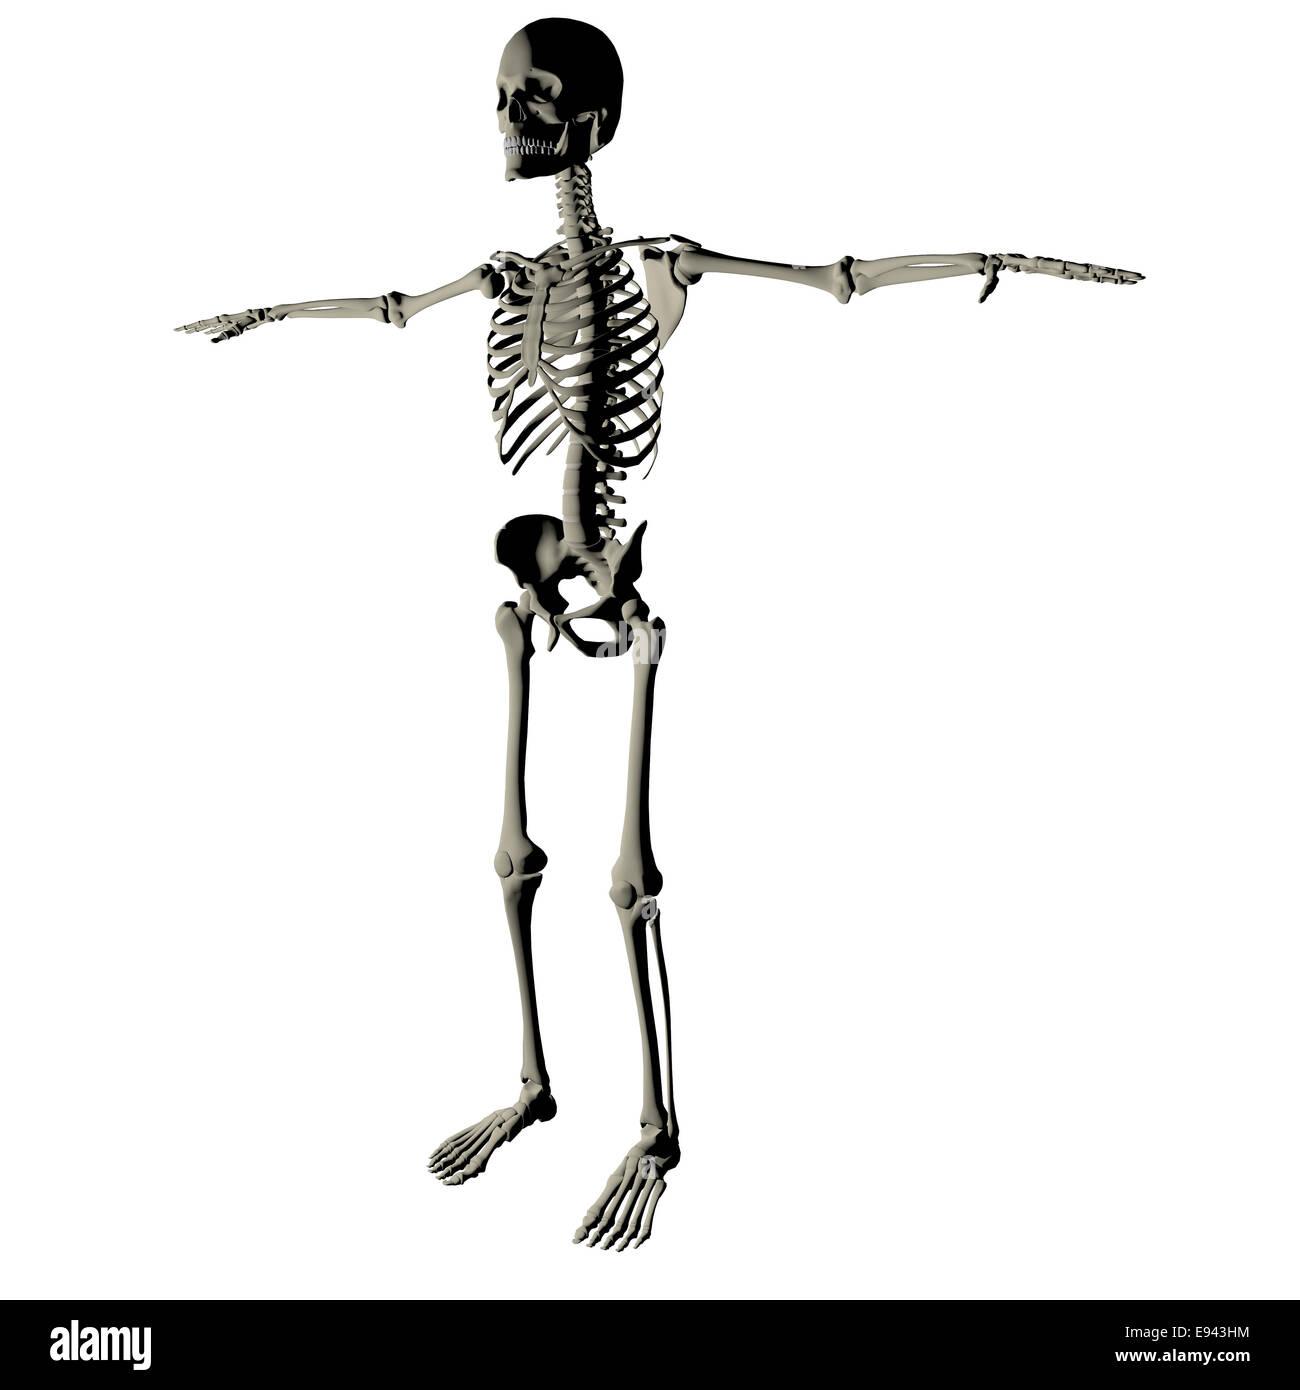 Ziemlich Skelett Der Menschlichen Anatomie Bilder - Menschliche ...